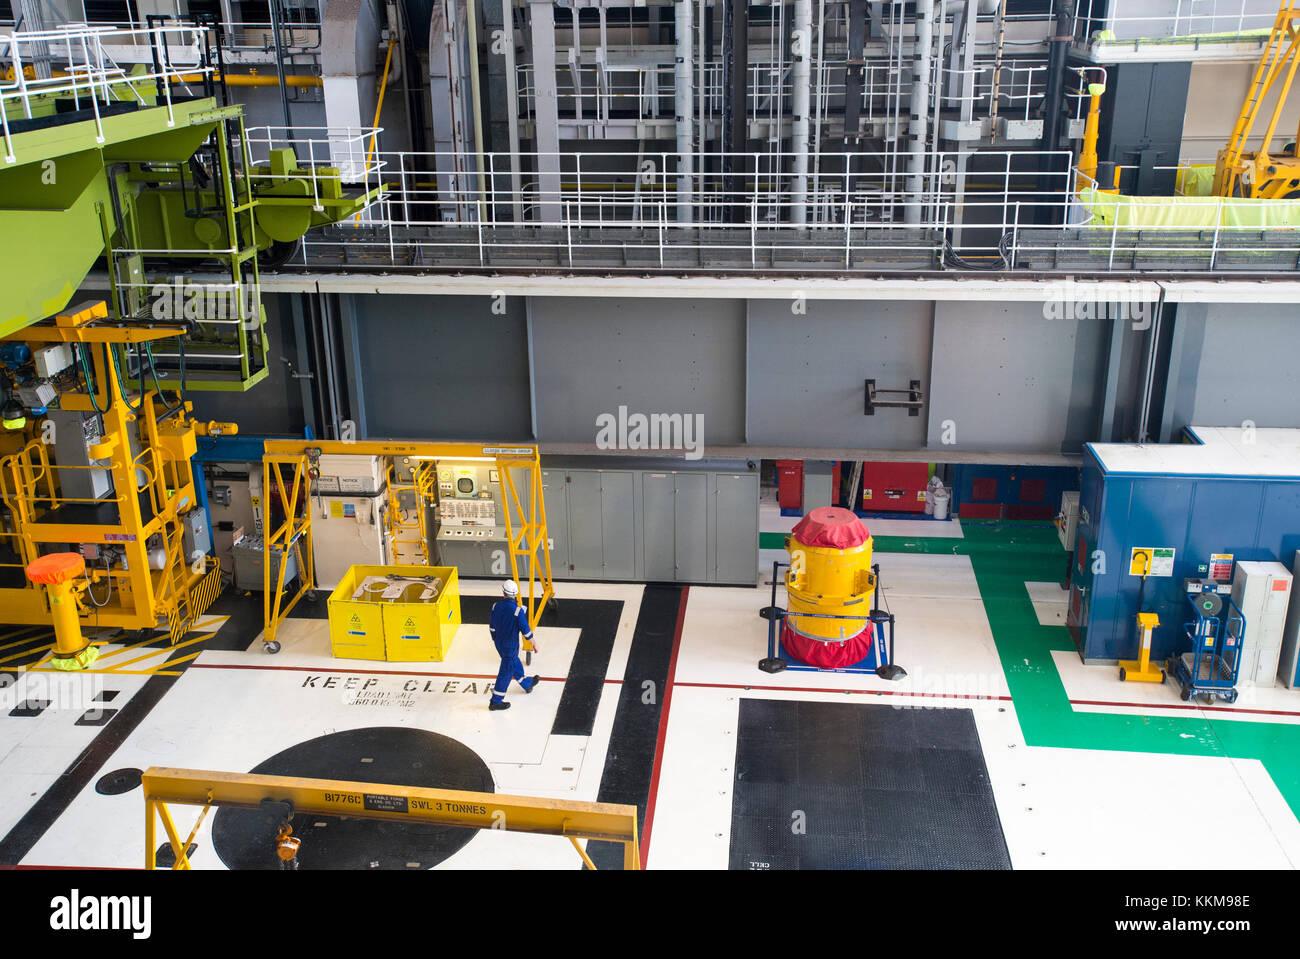 Innenansicht der wichtigsten Reaktorhalle der Hunterston B Kernkraftwerk, West Kilbride, North Ayrshire, Schottland. Stockbild